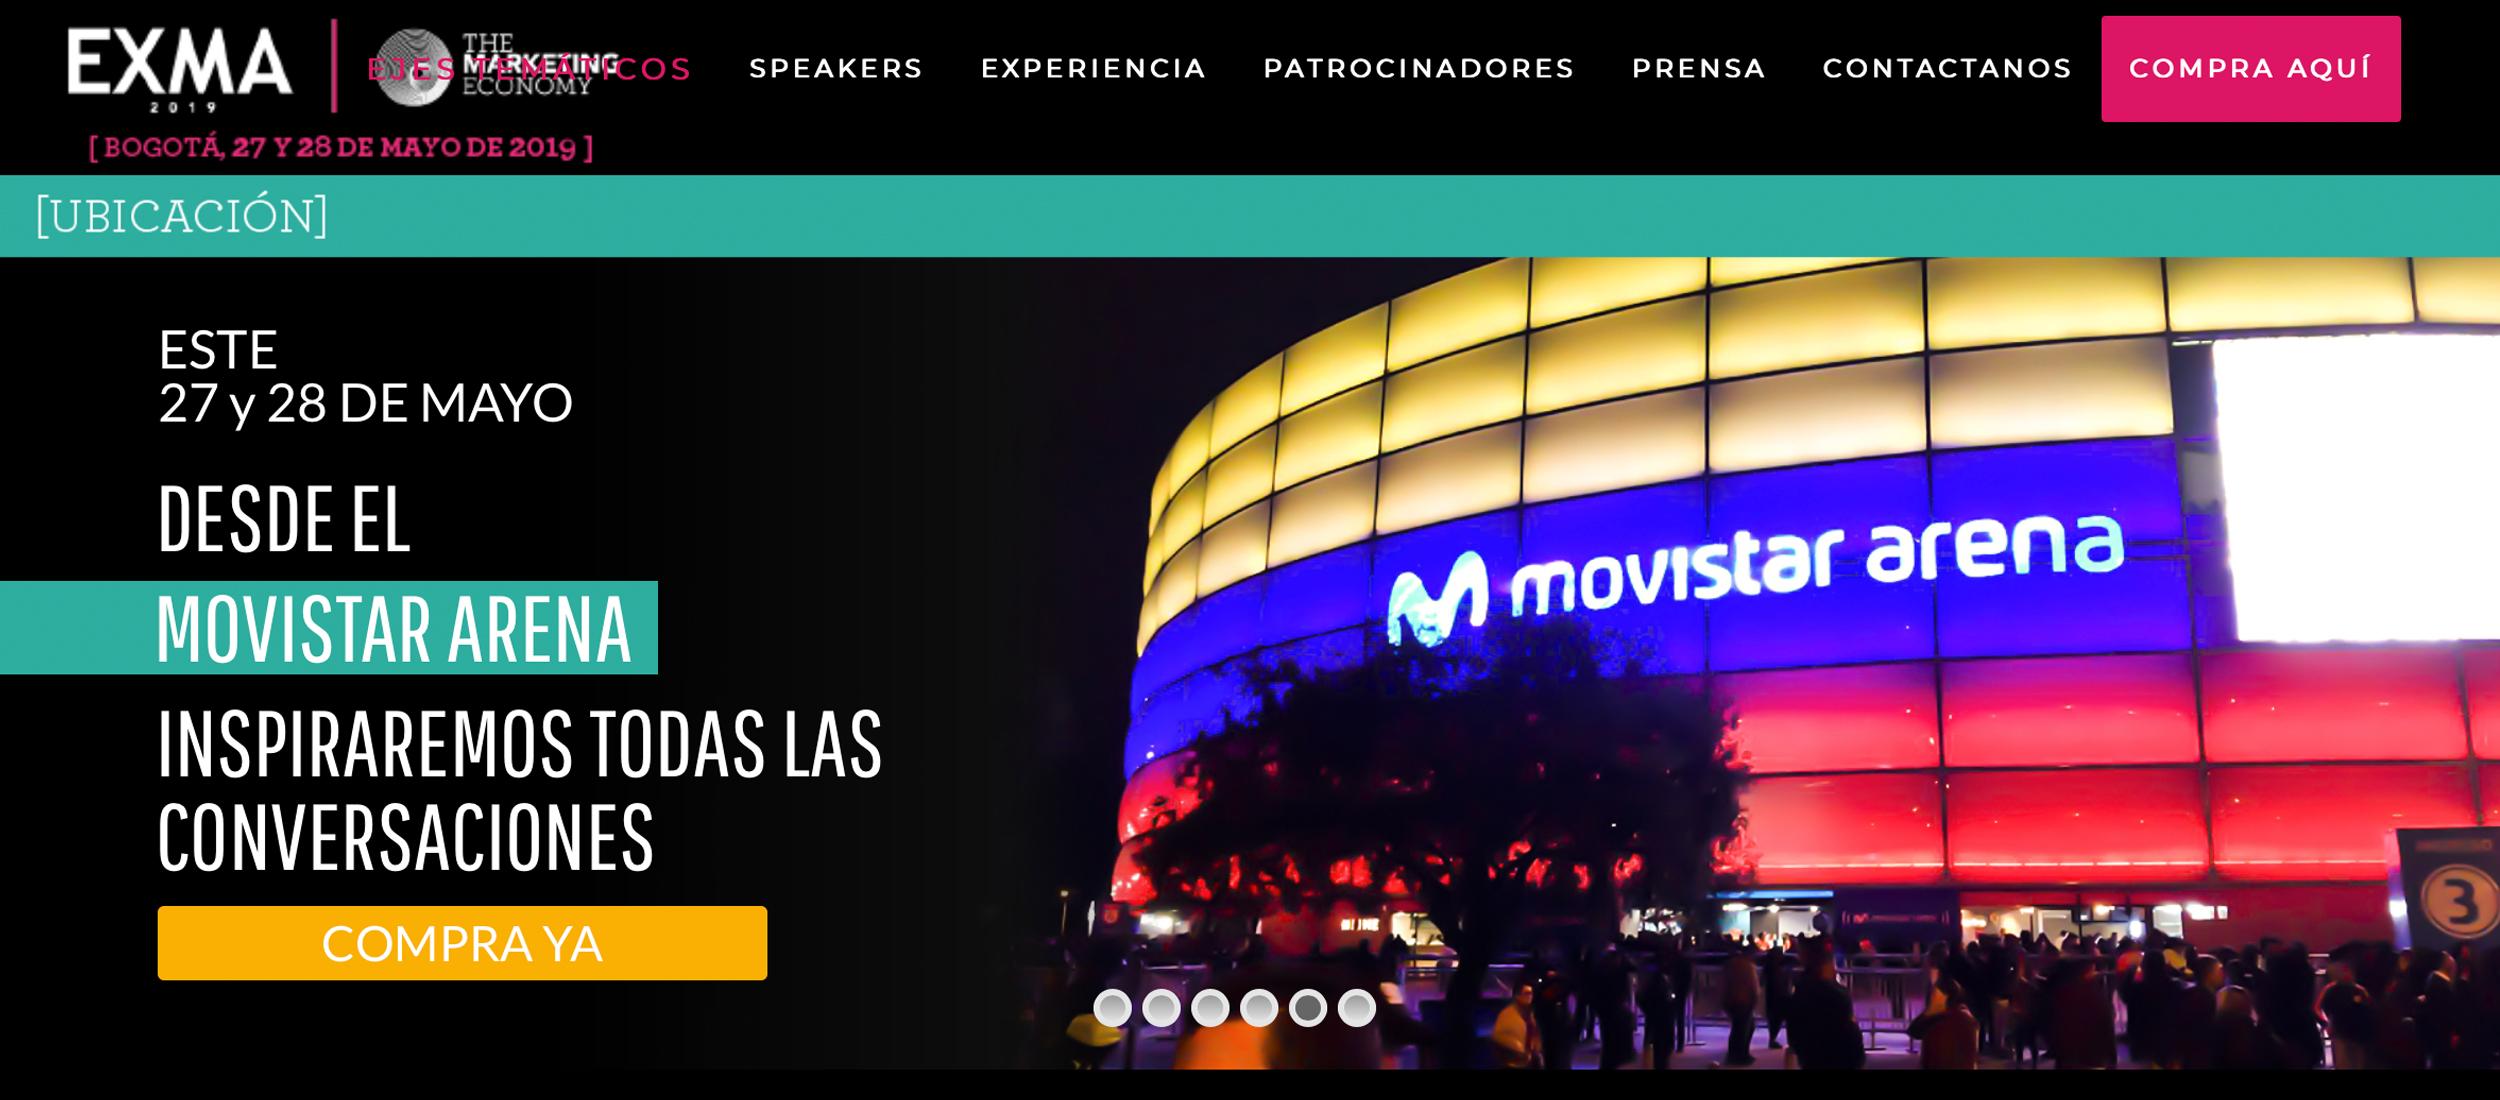 EXMA 2019 en Bogotá tendrá la opción de pagar en Home Burguers con Bitcoin Cash